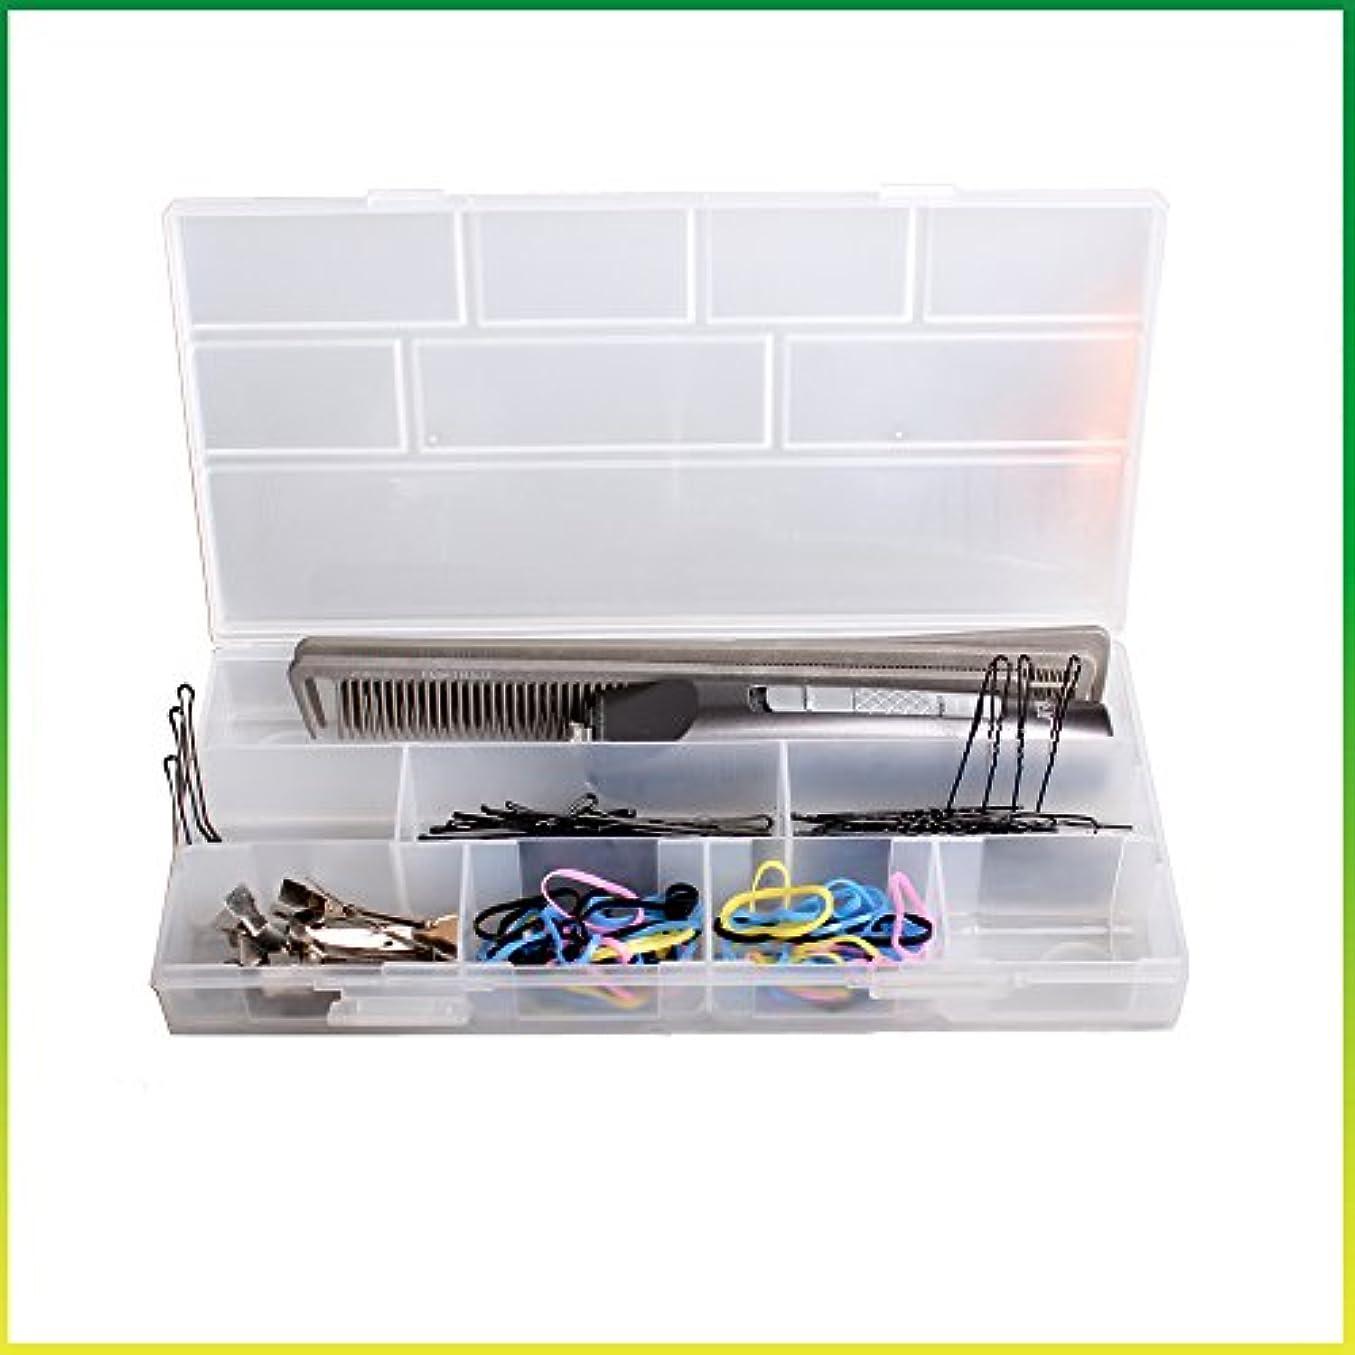 変装したトランクライブラリルーチンヘアピン ケース ノンスリップ コスメボックス メイクボックス メークボックス メイクケース メークケース ツールボックス ツールケース (ホワイト)